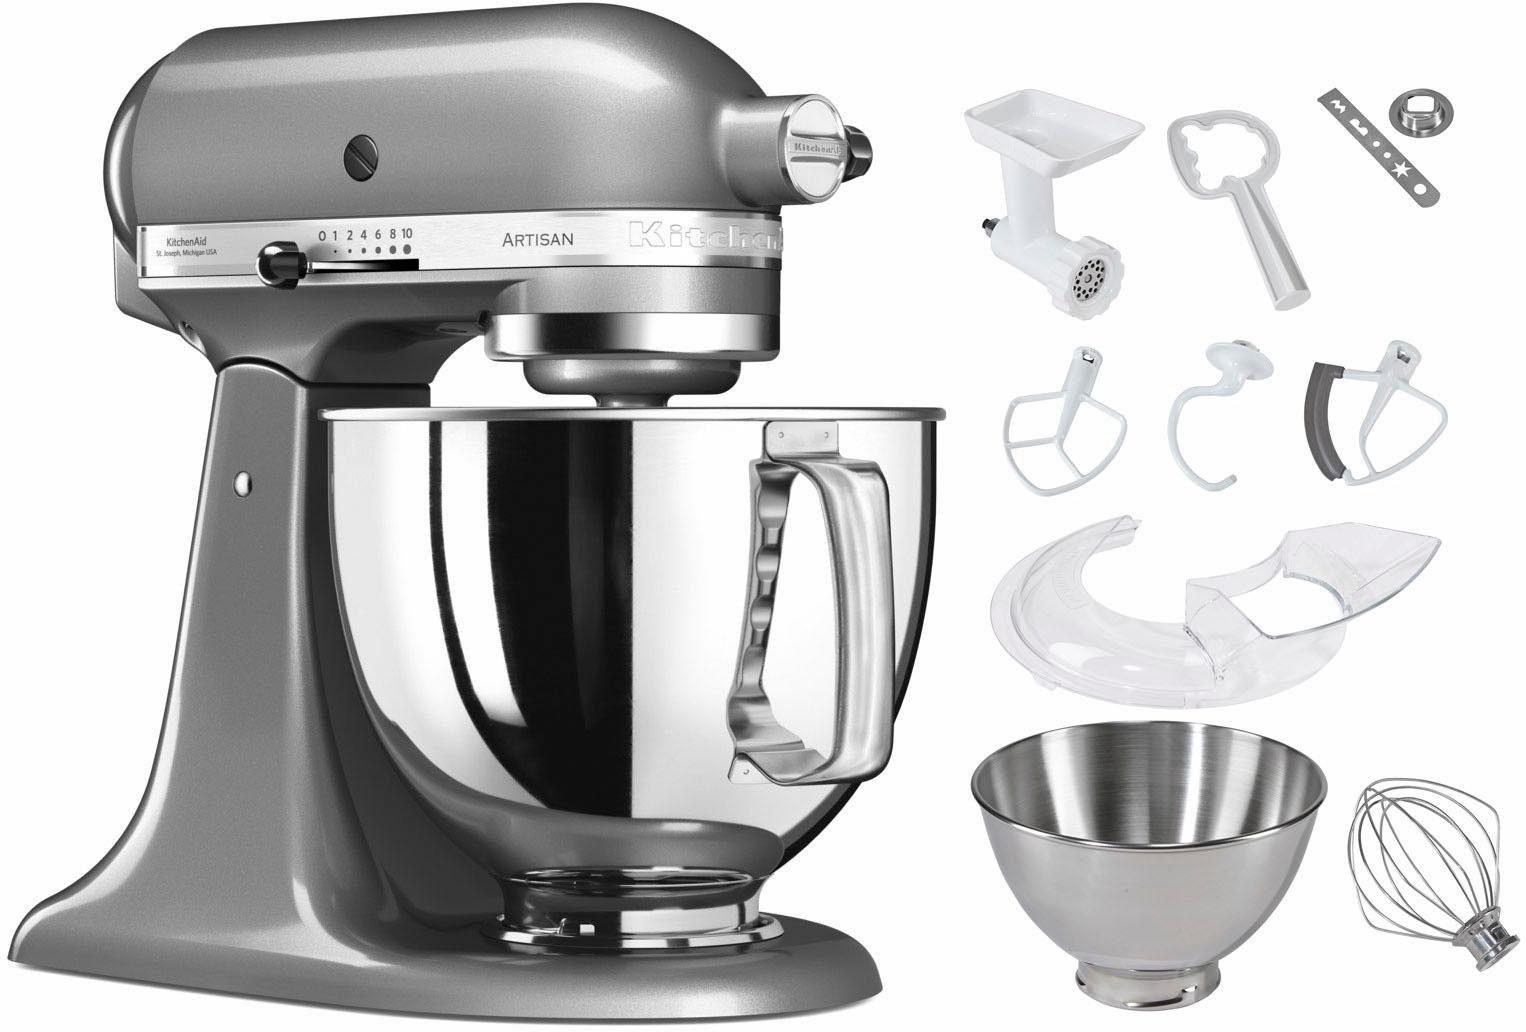 KitchenAid Küchenmaschine 5KSM125ECU Artisan, 300 W, 4,83 l Schüssel, inkl. Sonderzubehör im Wert von ca. 252,-€ UVP